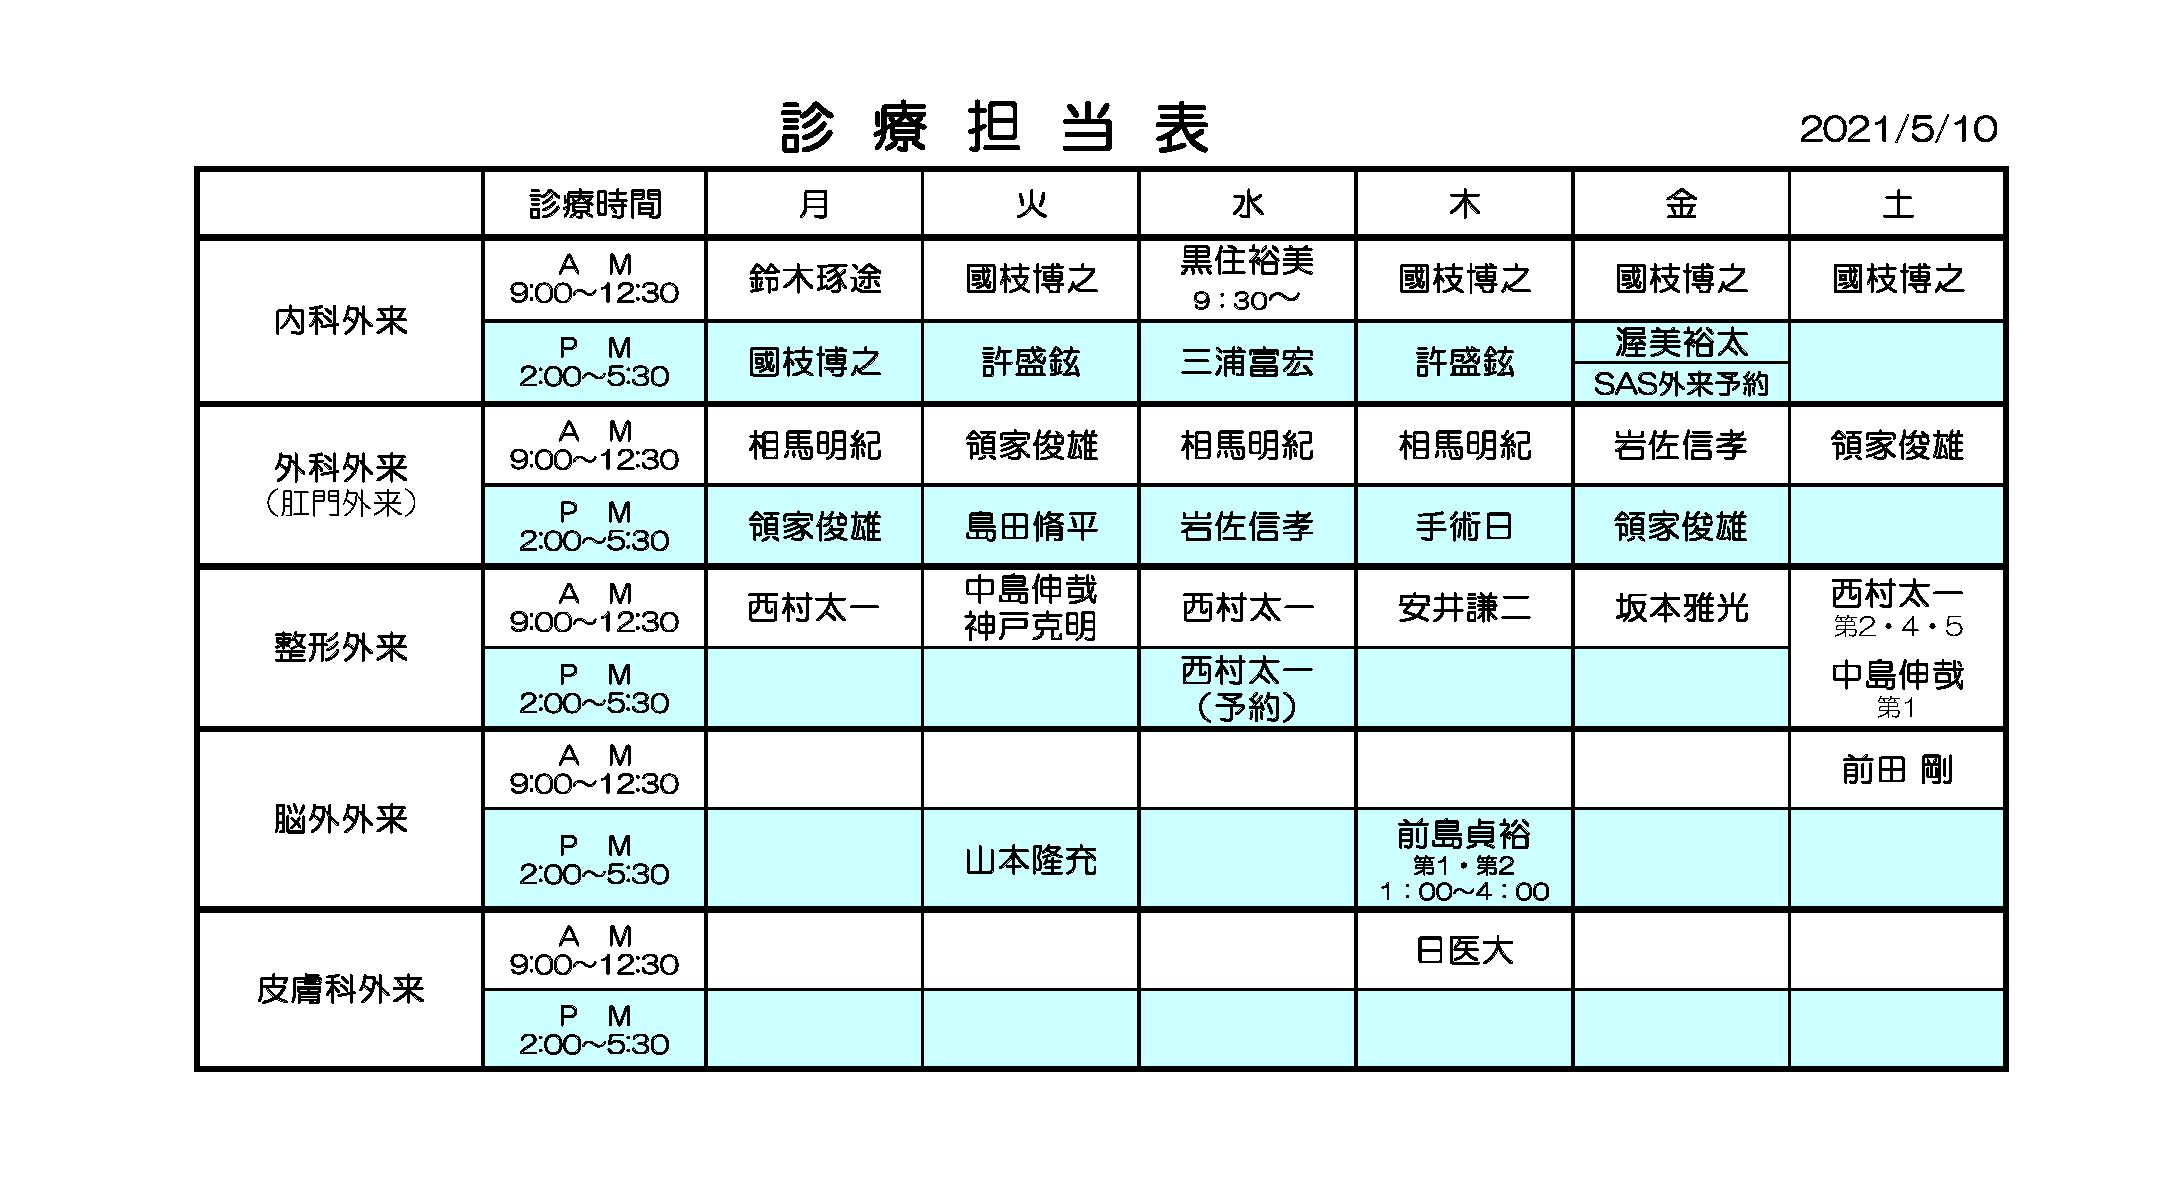 福寿会足立東部病院 外来担当医表5月